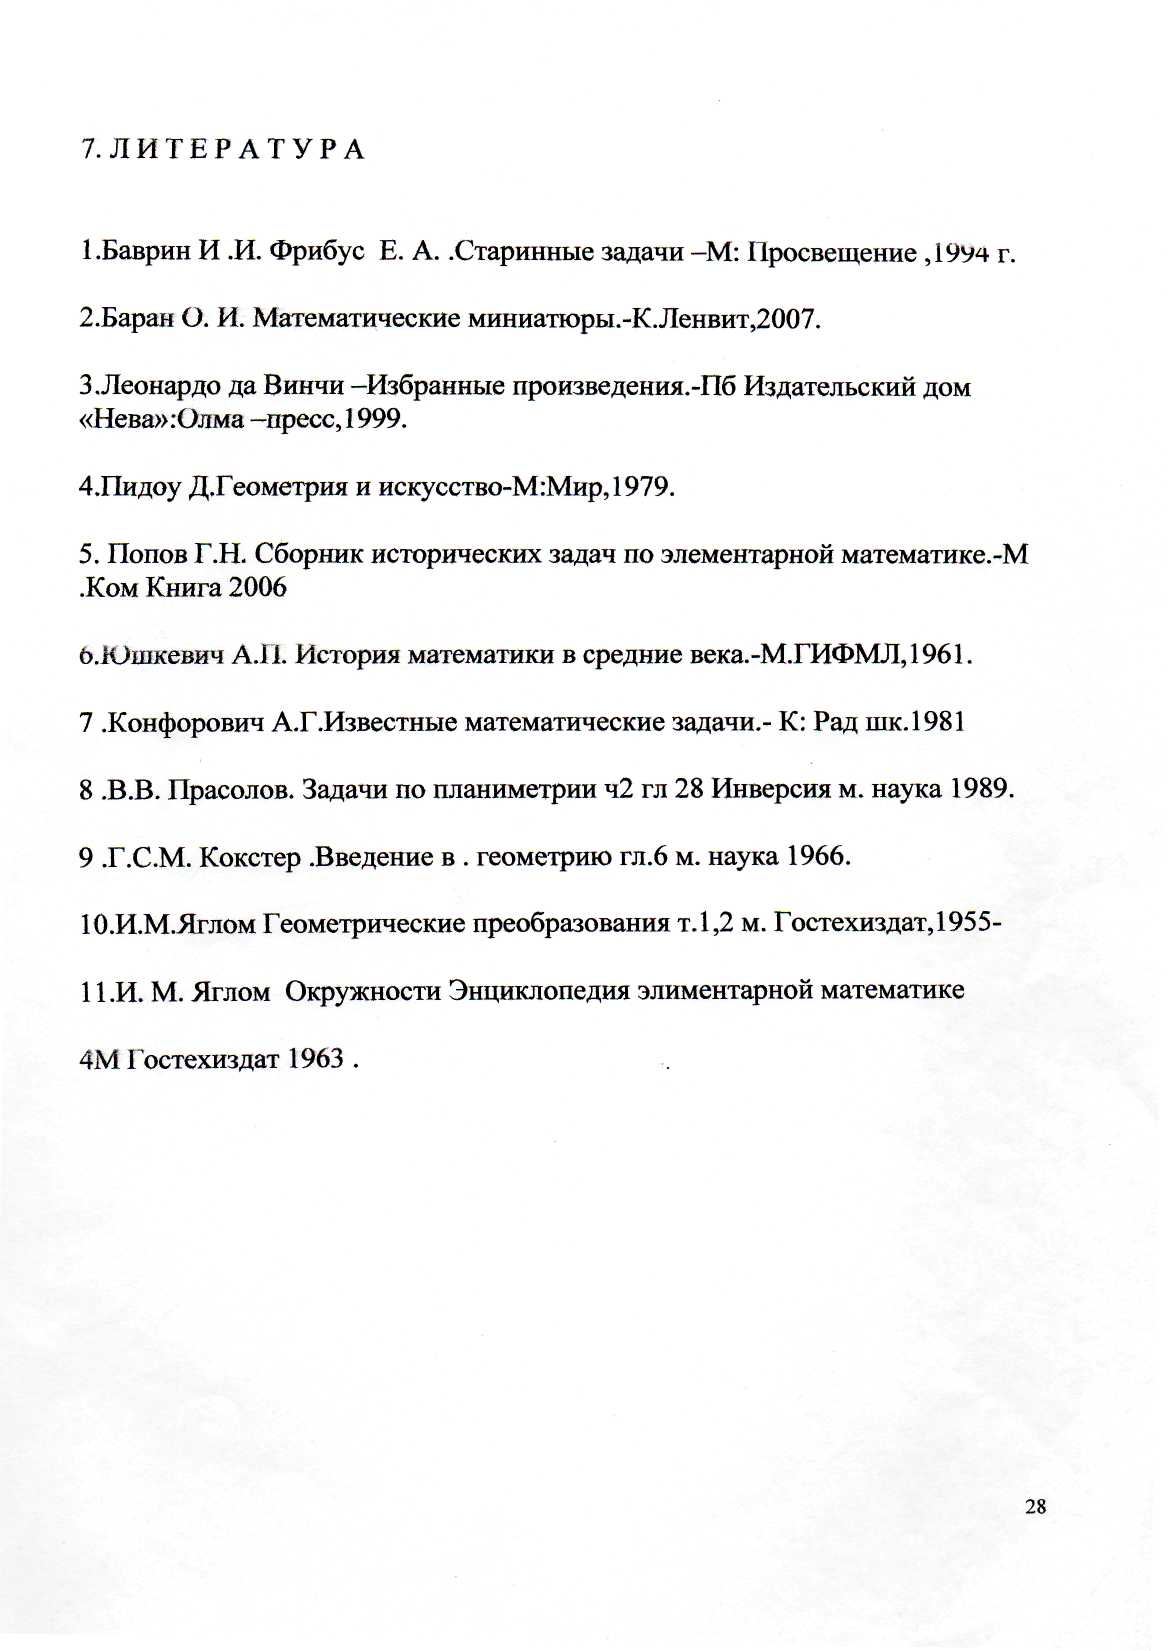 hello_html_1a53b8b3.jpg